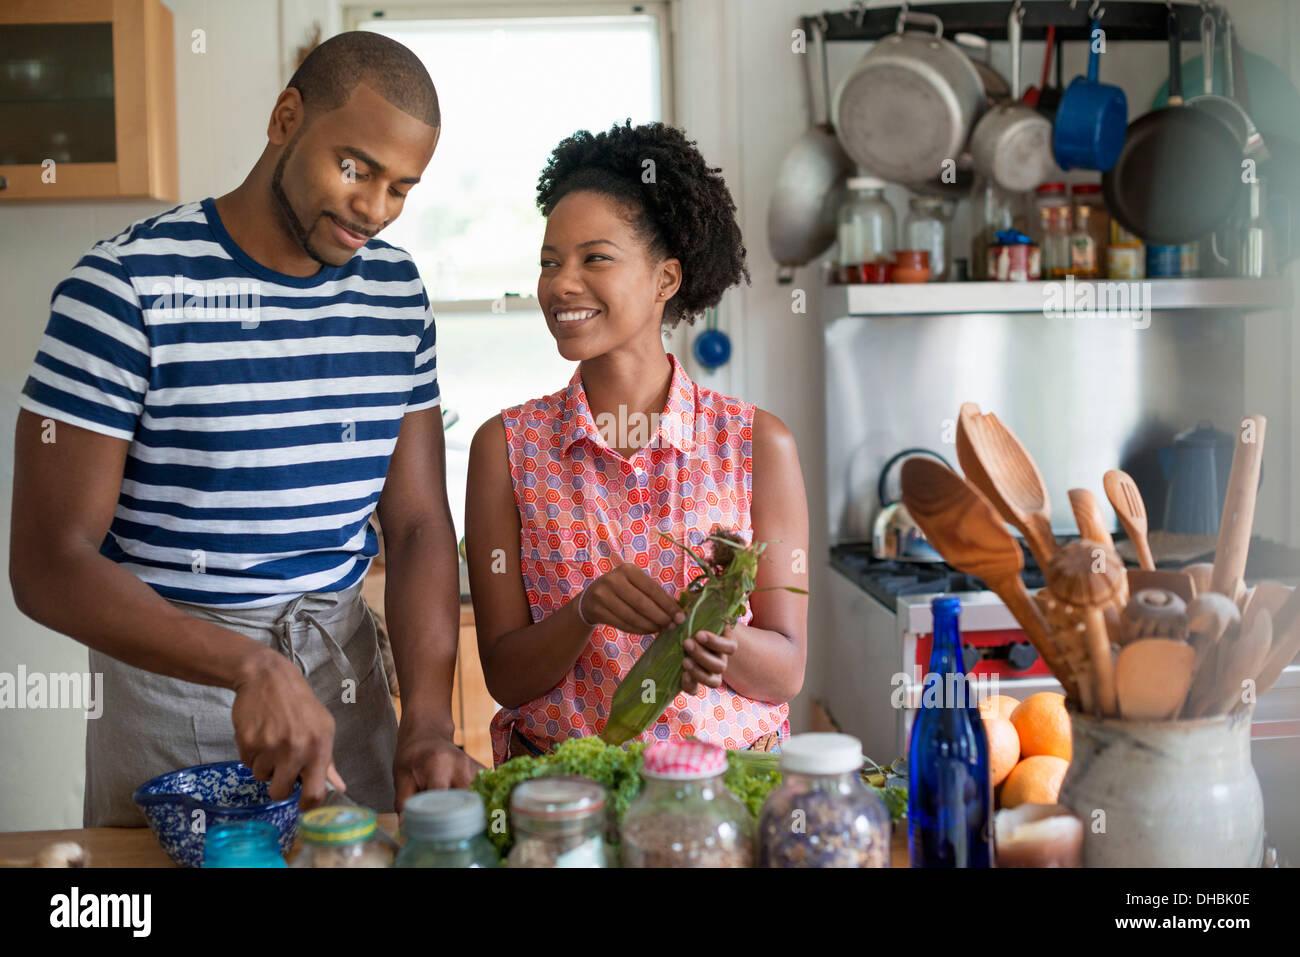 El estilo de vida. Dos personas que trabajaban en una granja de cocina. Imagen De Stock